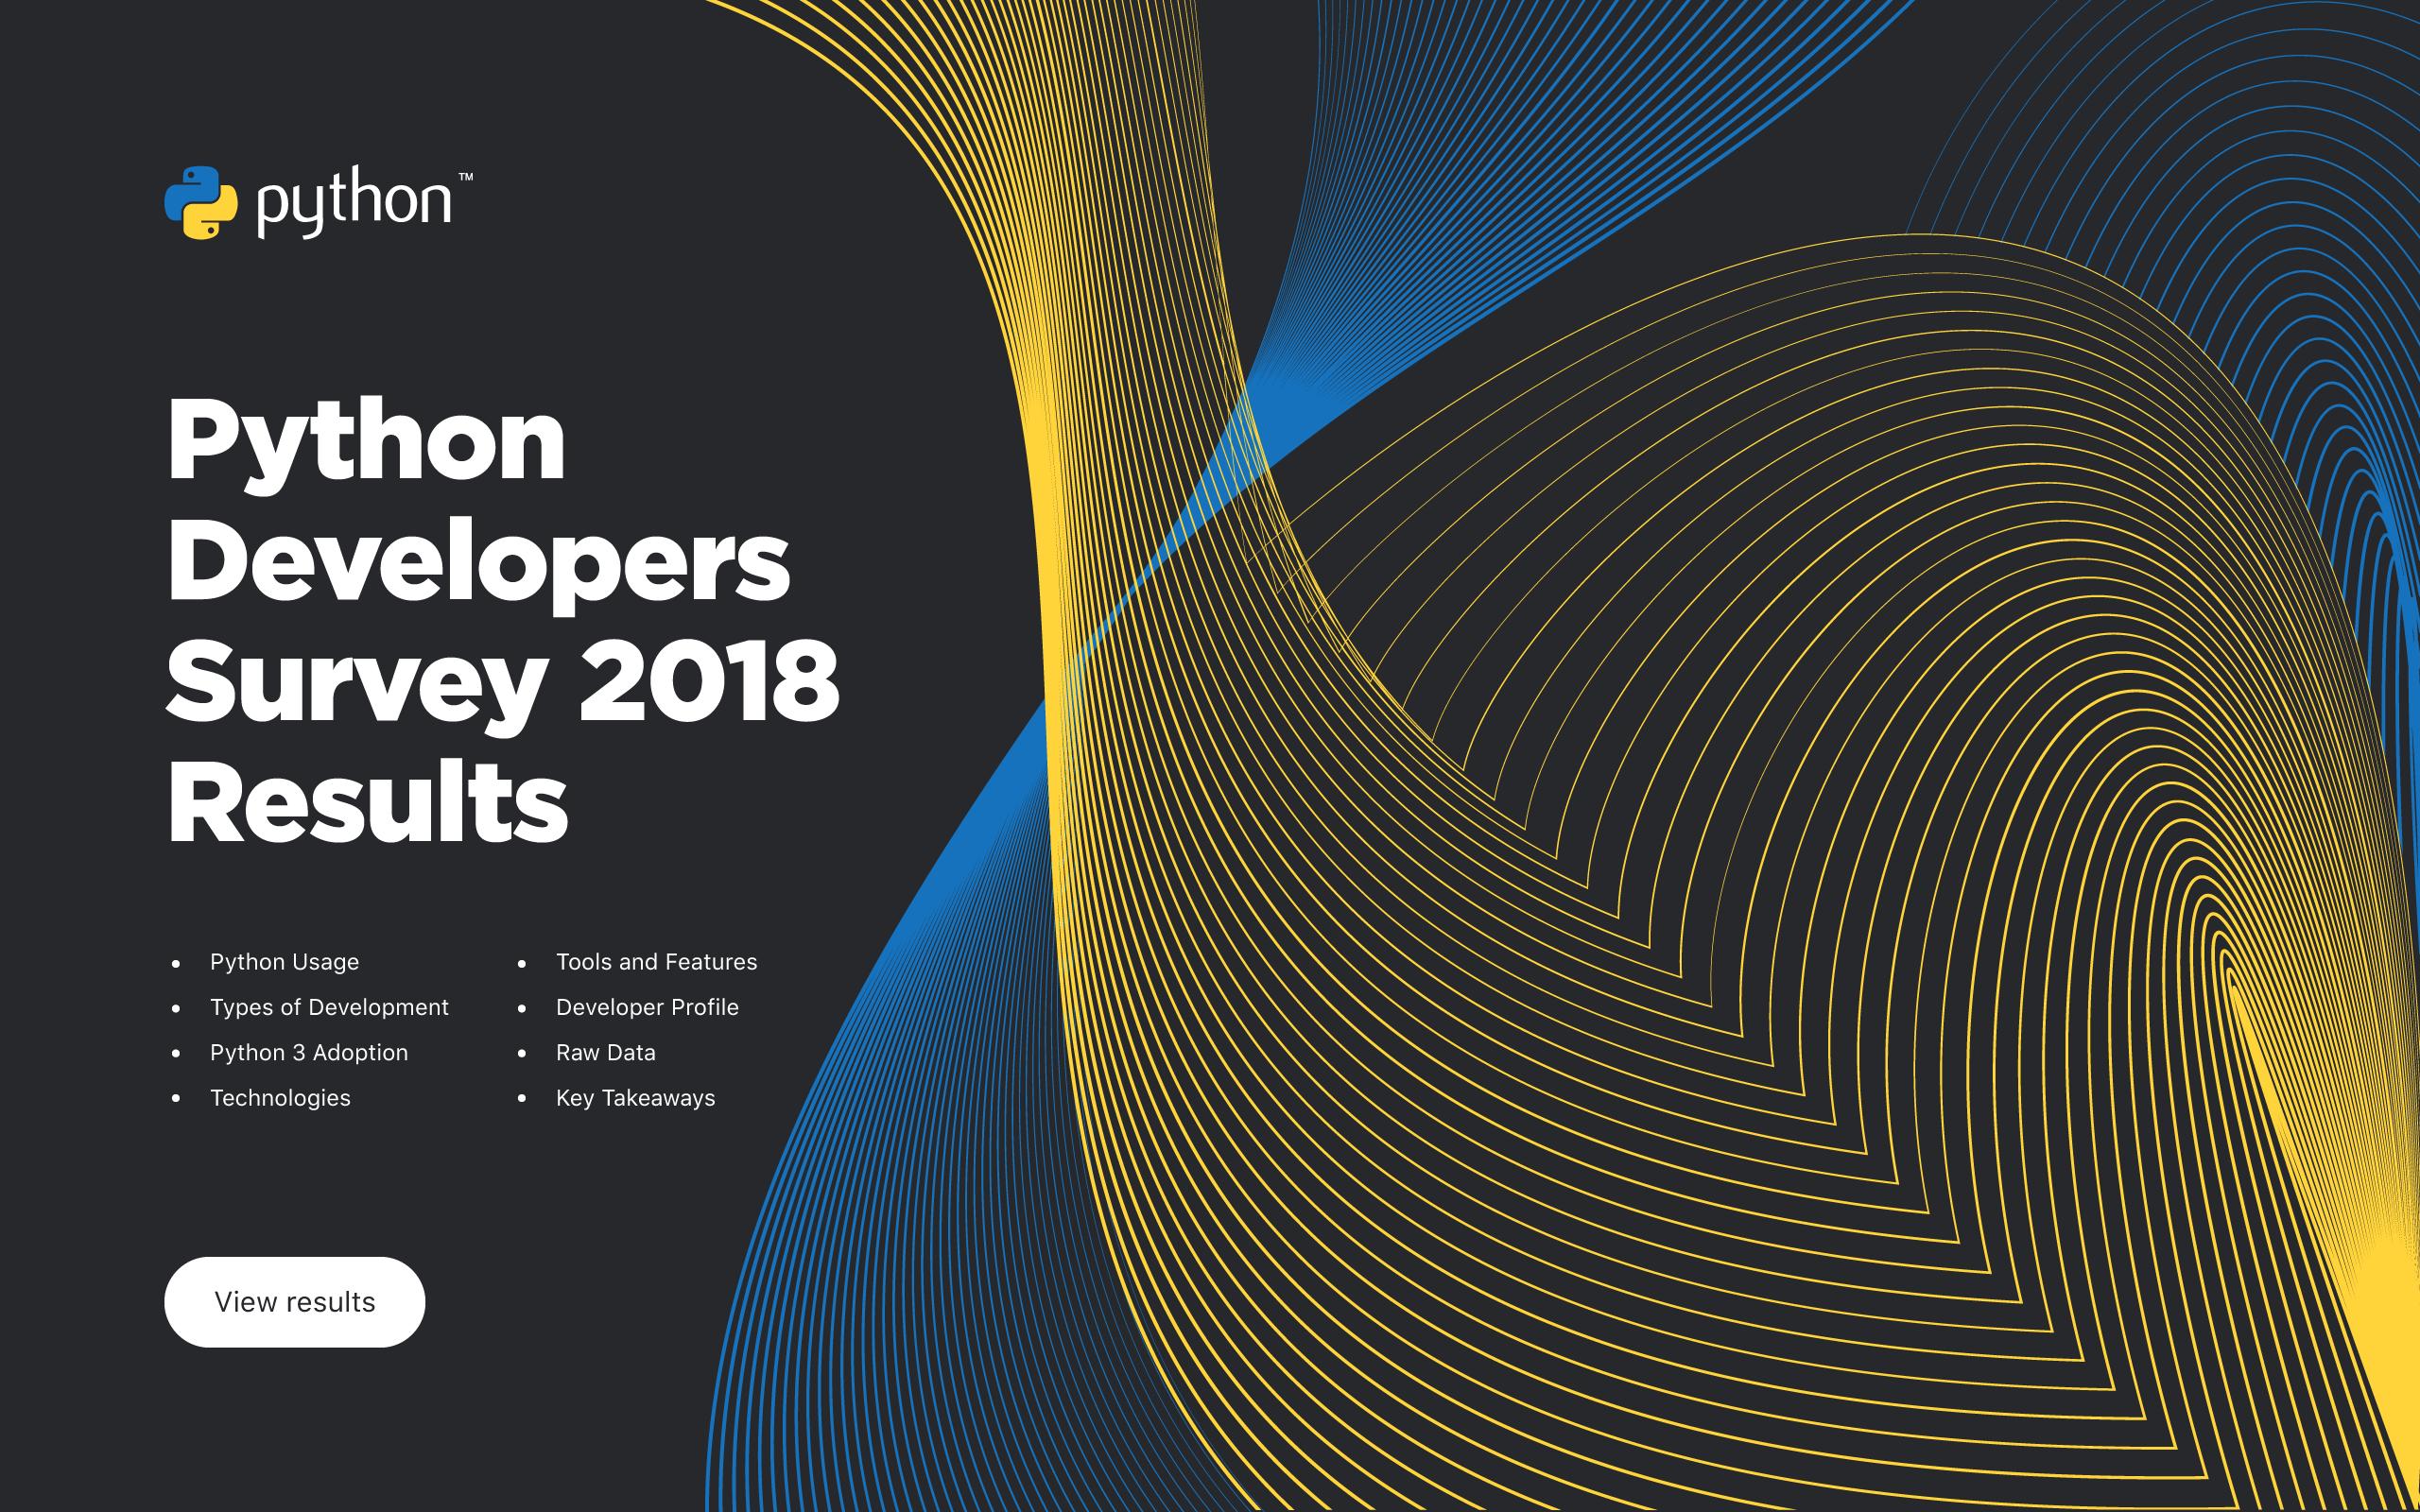 Python Developers Survey 2018 Results